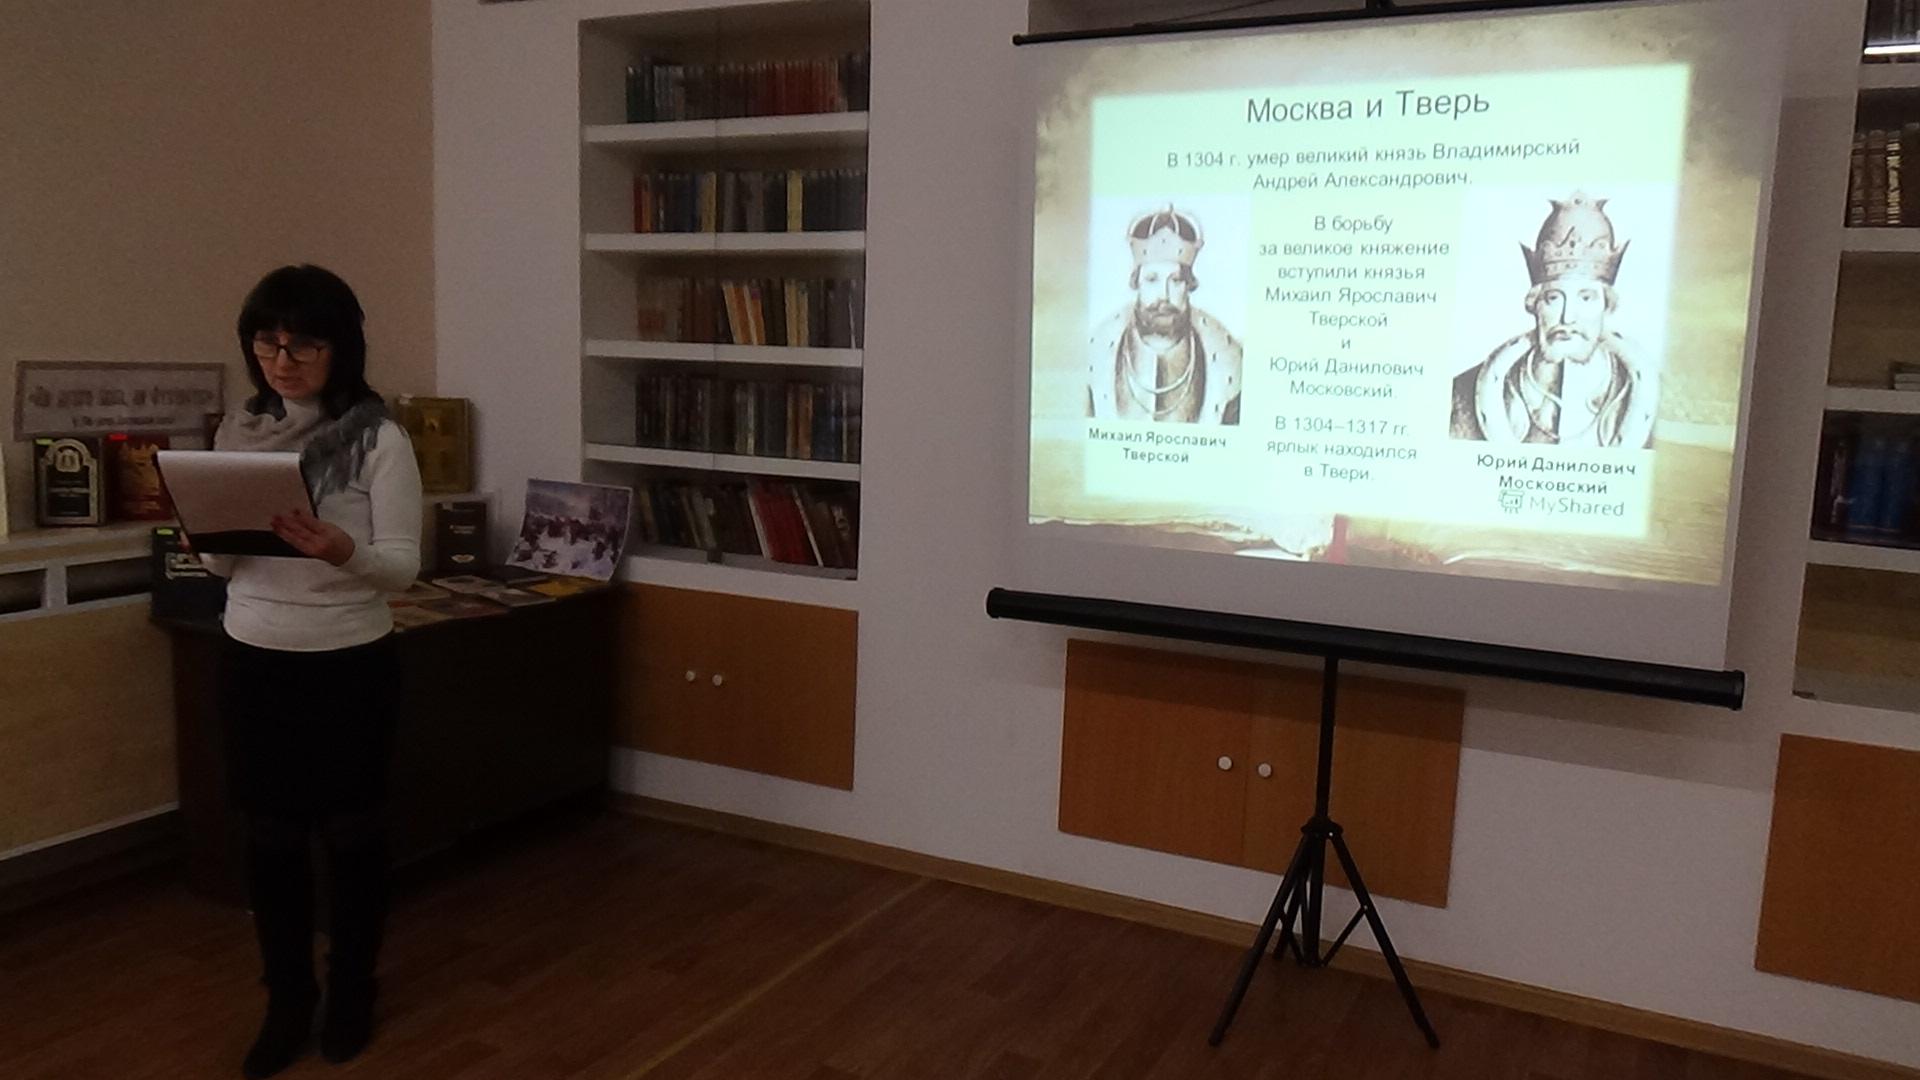 В СИЗО №1 состоялась презентация, посвященная 700-летию Бортеневской битвы.